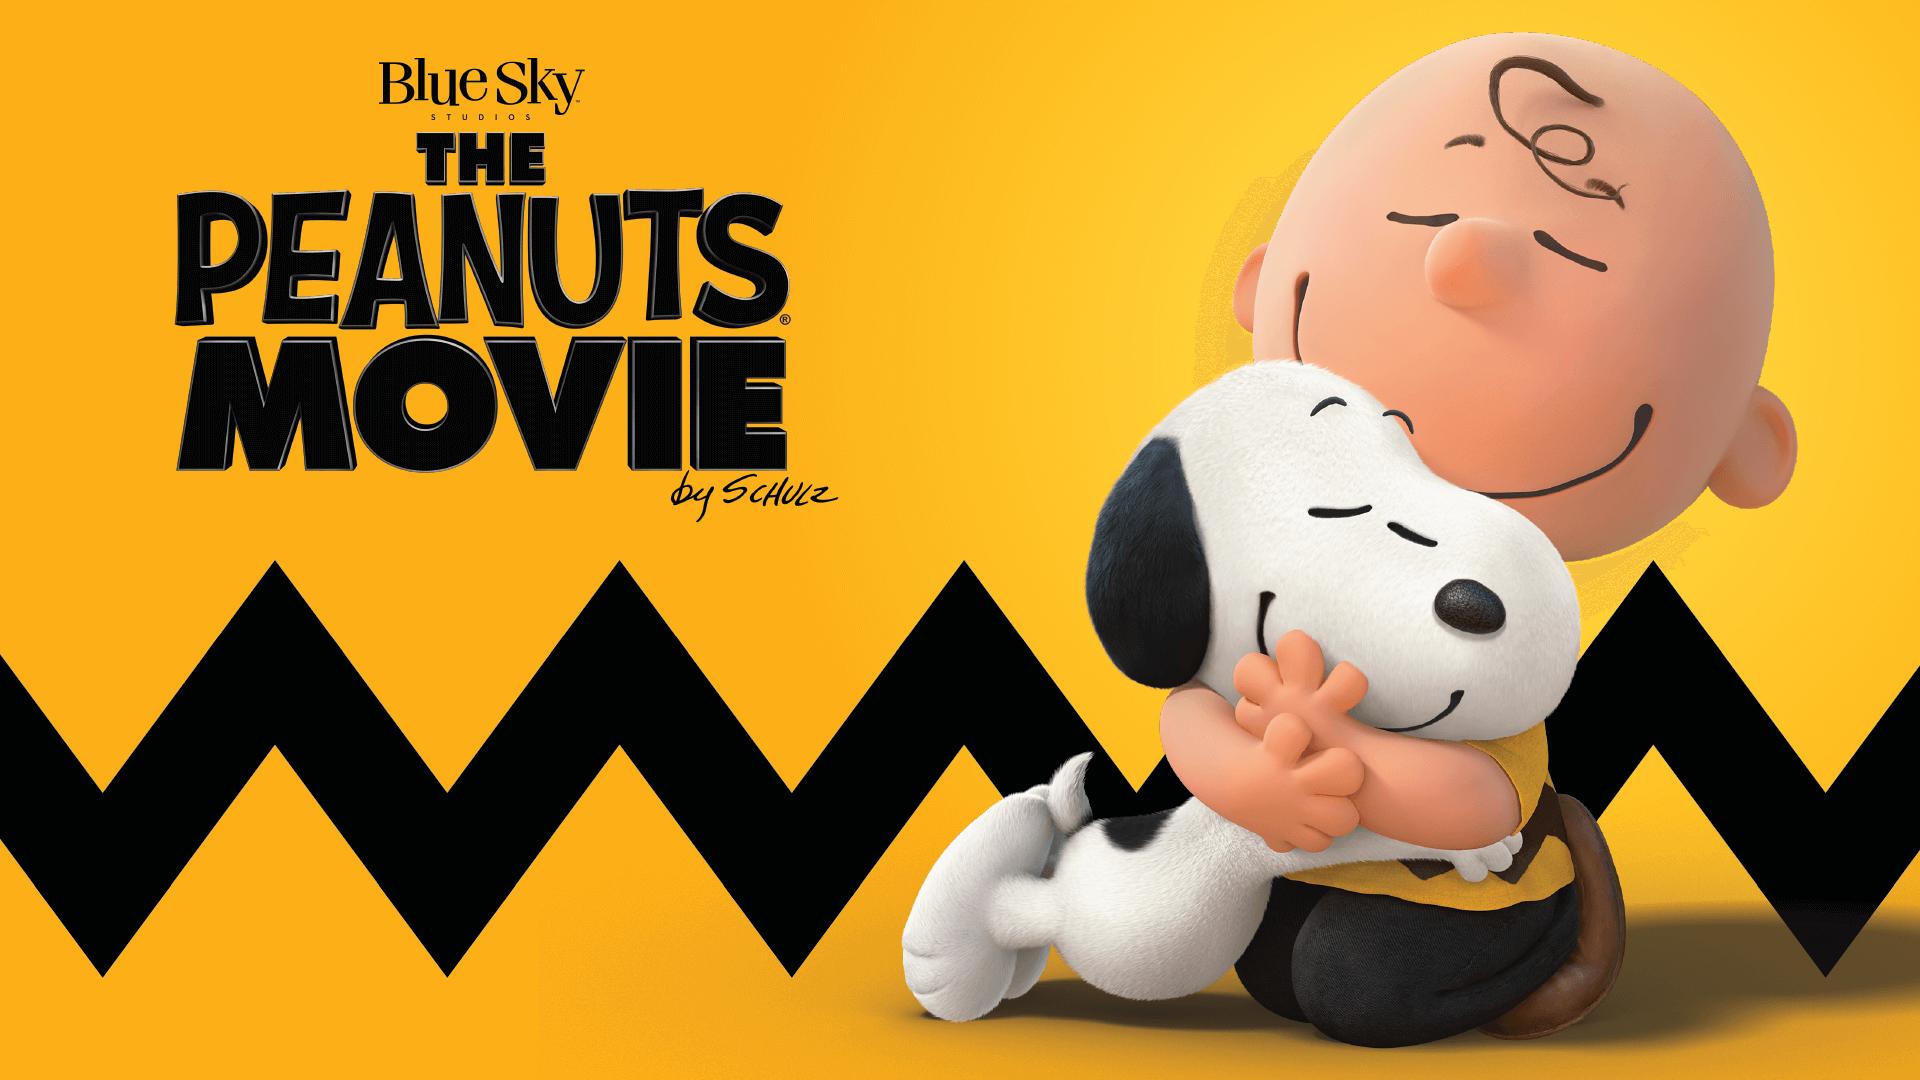 The Peanuts Movie logo by Schulz (Blue Sky Studios)